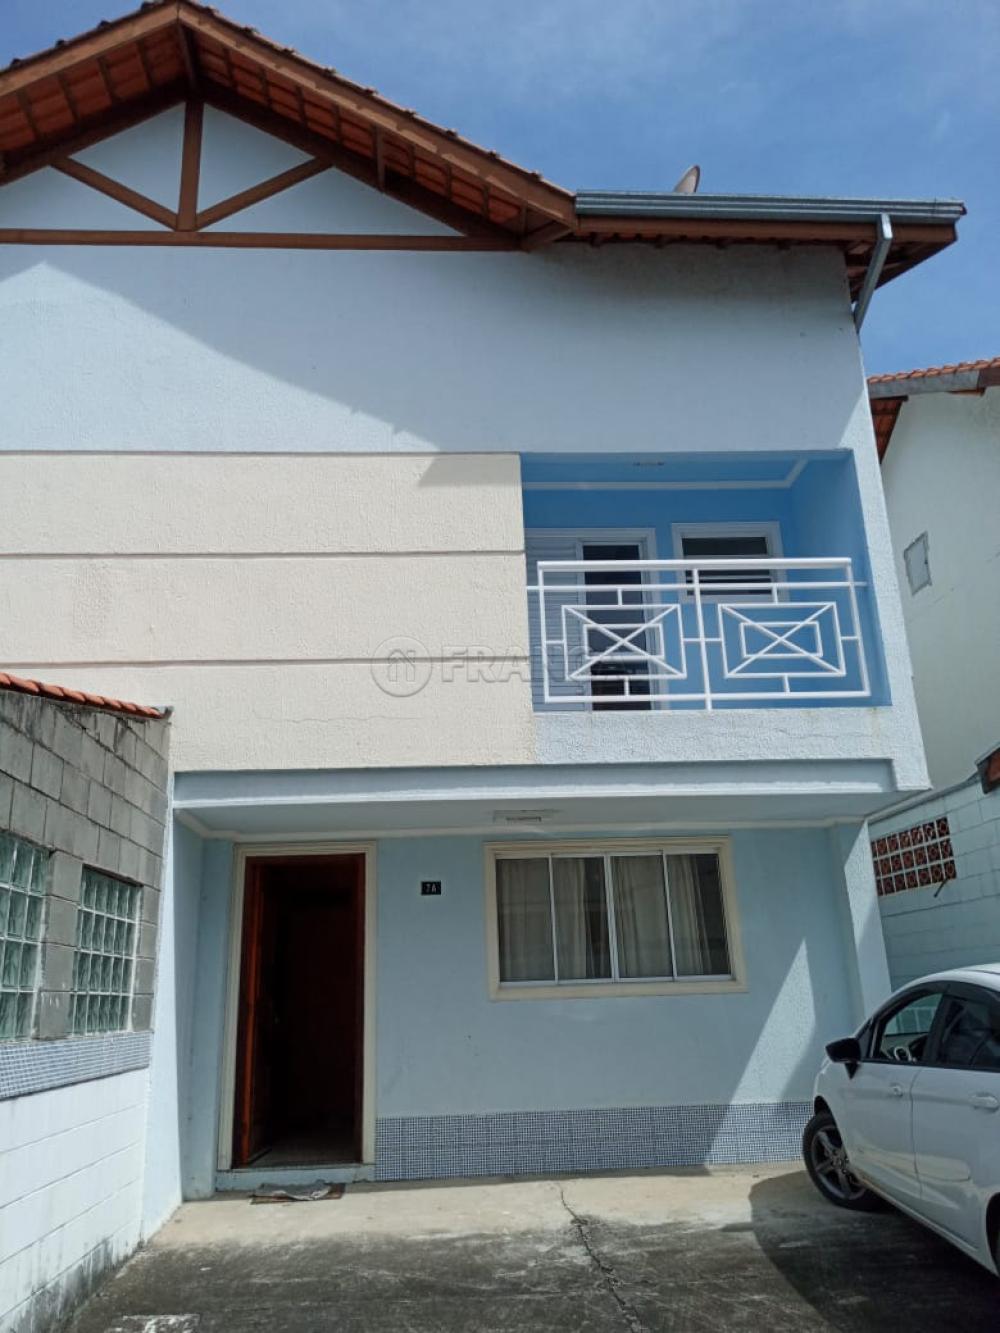 Alugar Casa / Condomínio em São José dos Campos apenas R$ 1.300,00 - Foto 1